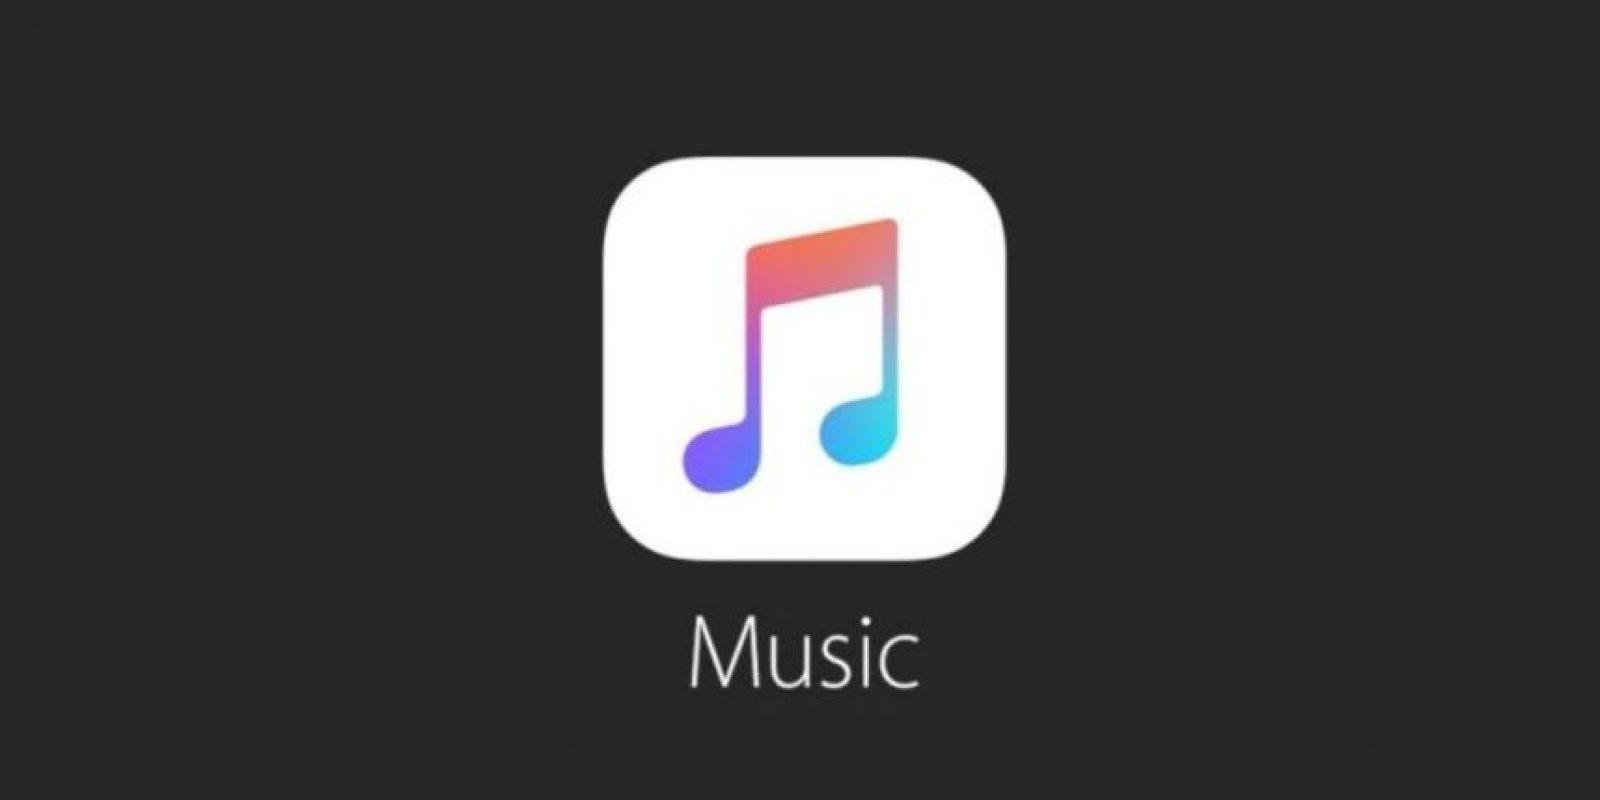 Apple Music tiene un paquete de 14.99 dólares mensuales en el que hasta seis miembros de una familia pueden disfrutar del servicio. Foto:Apple